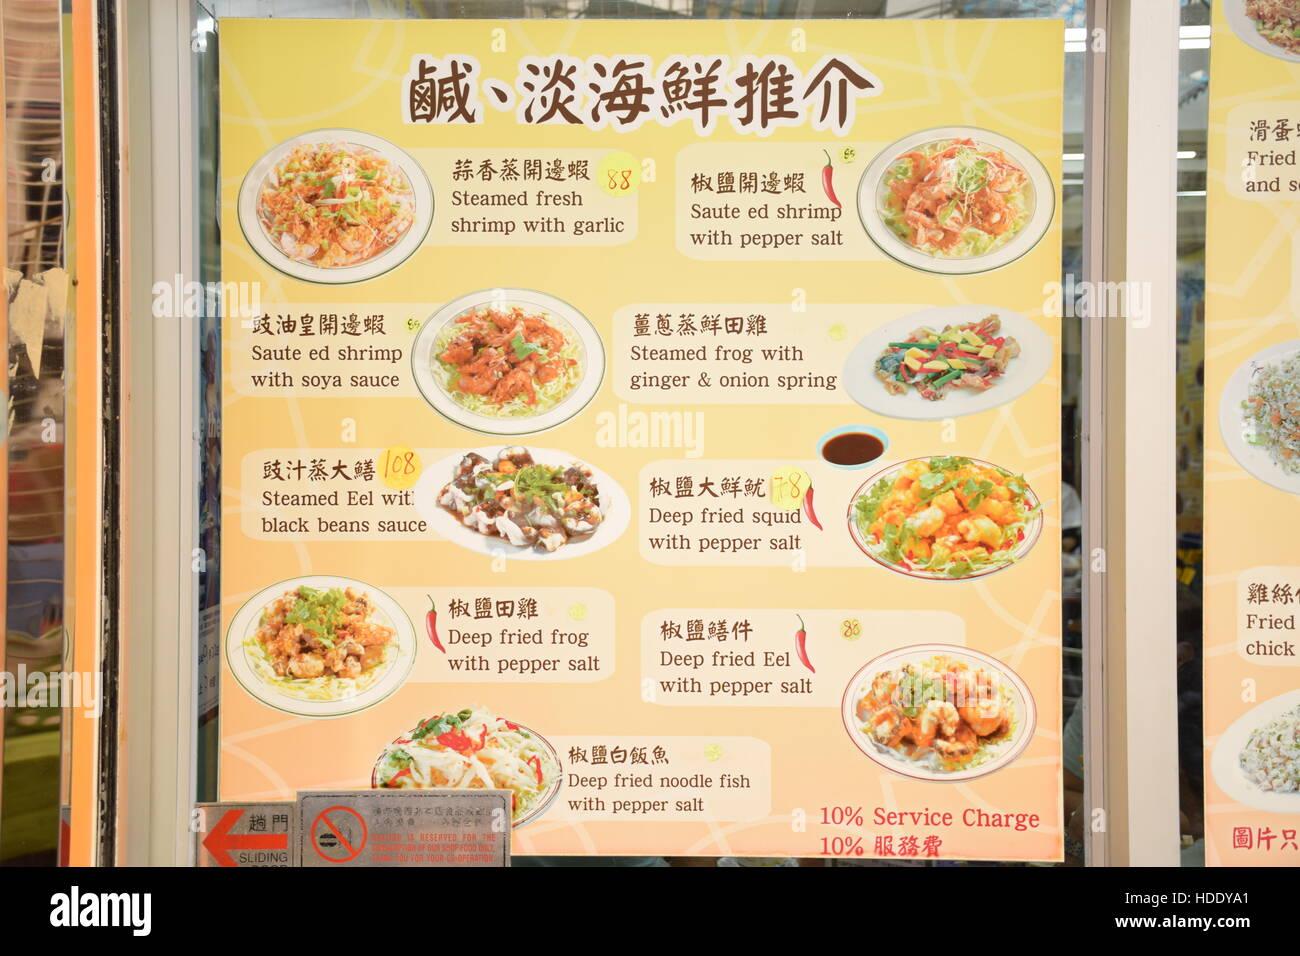 Menu Chinois Avec Traduction En Anglais A L Exterieur D Un